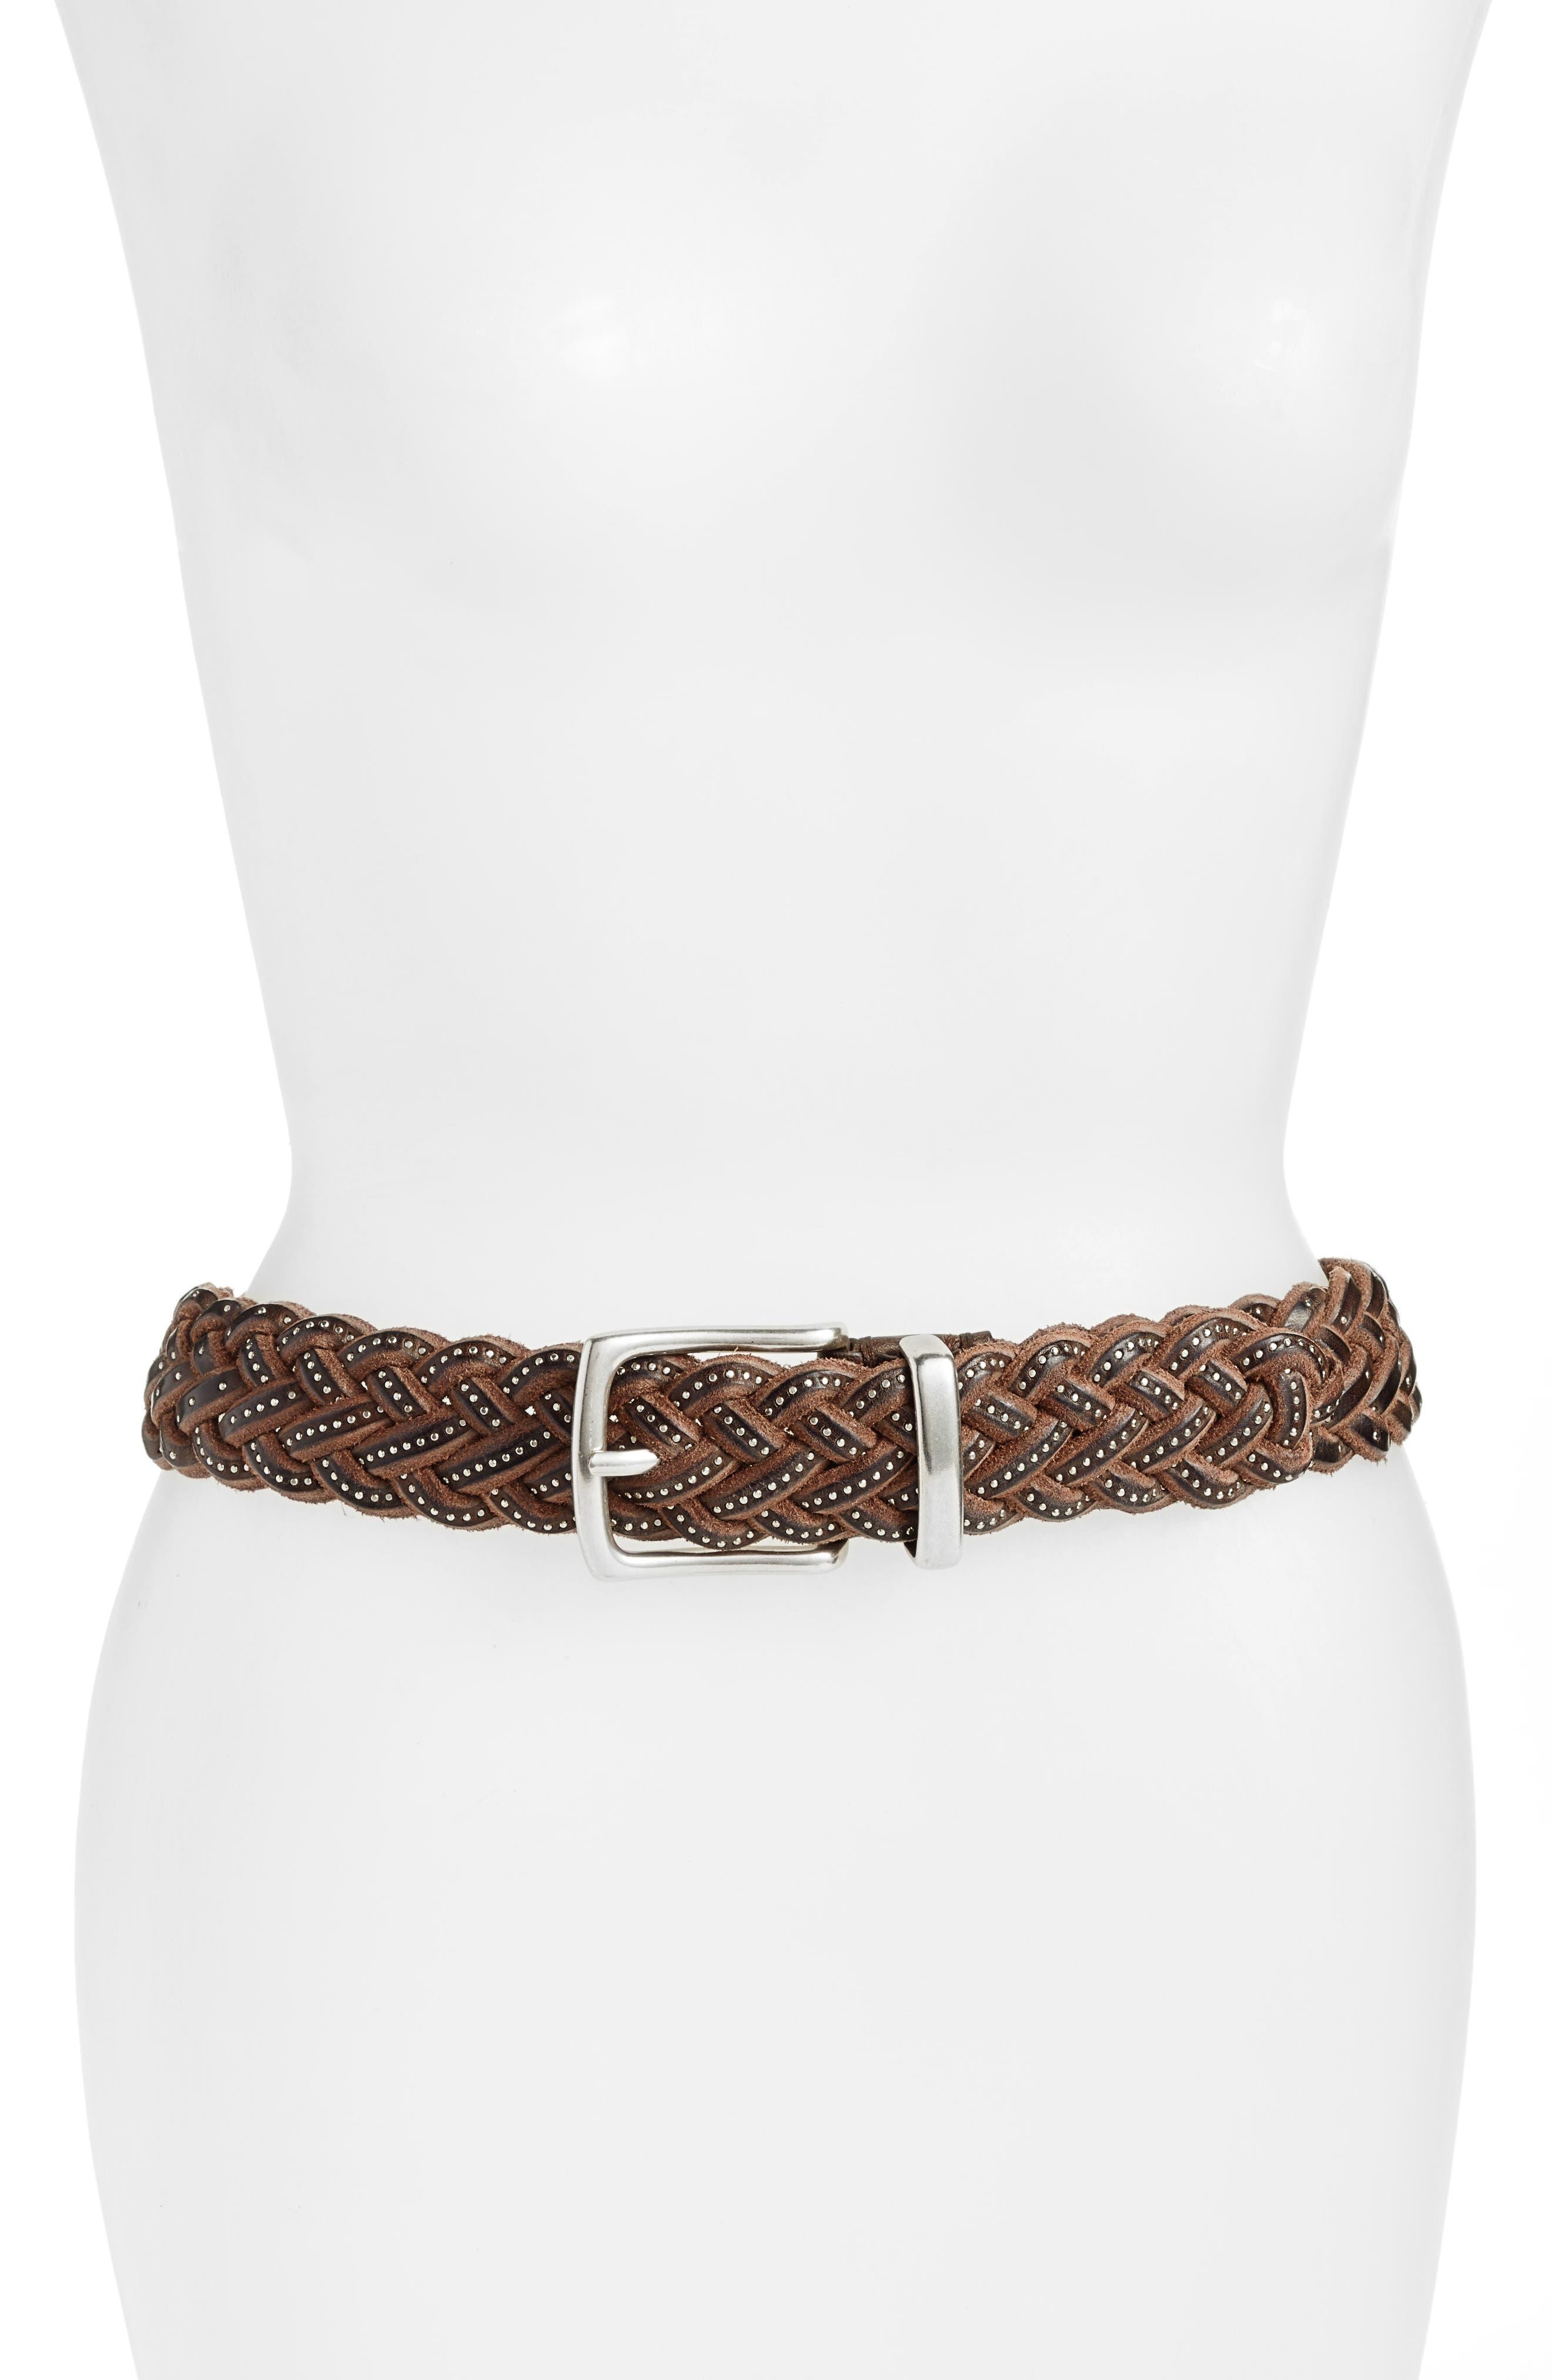 Main Image - Frye Braided Leather Belt